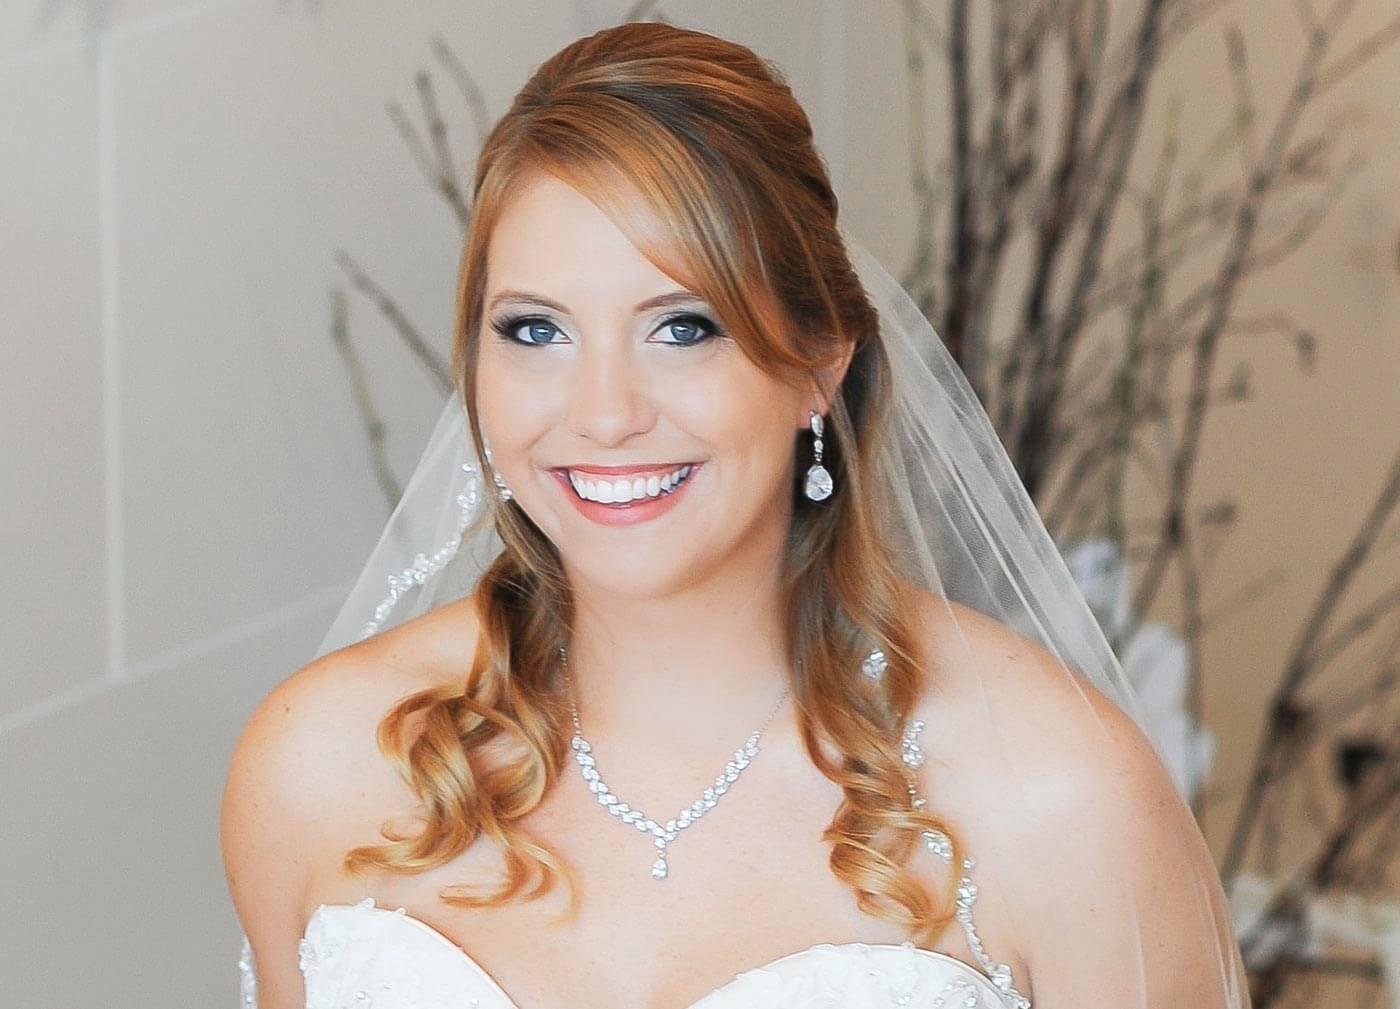 Hochzeitsfrisur halb hochgesteckt  BrautfrisurenBildergalerie